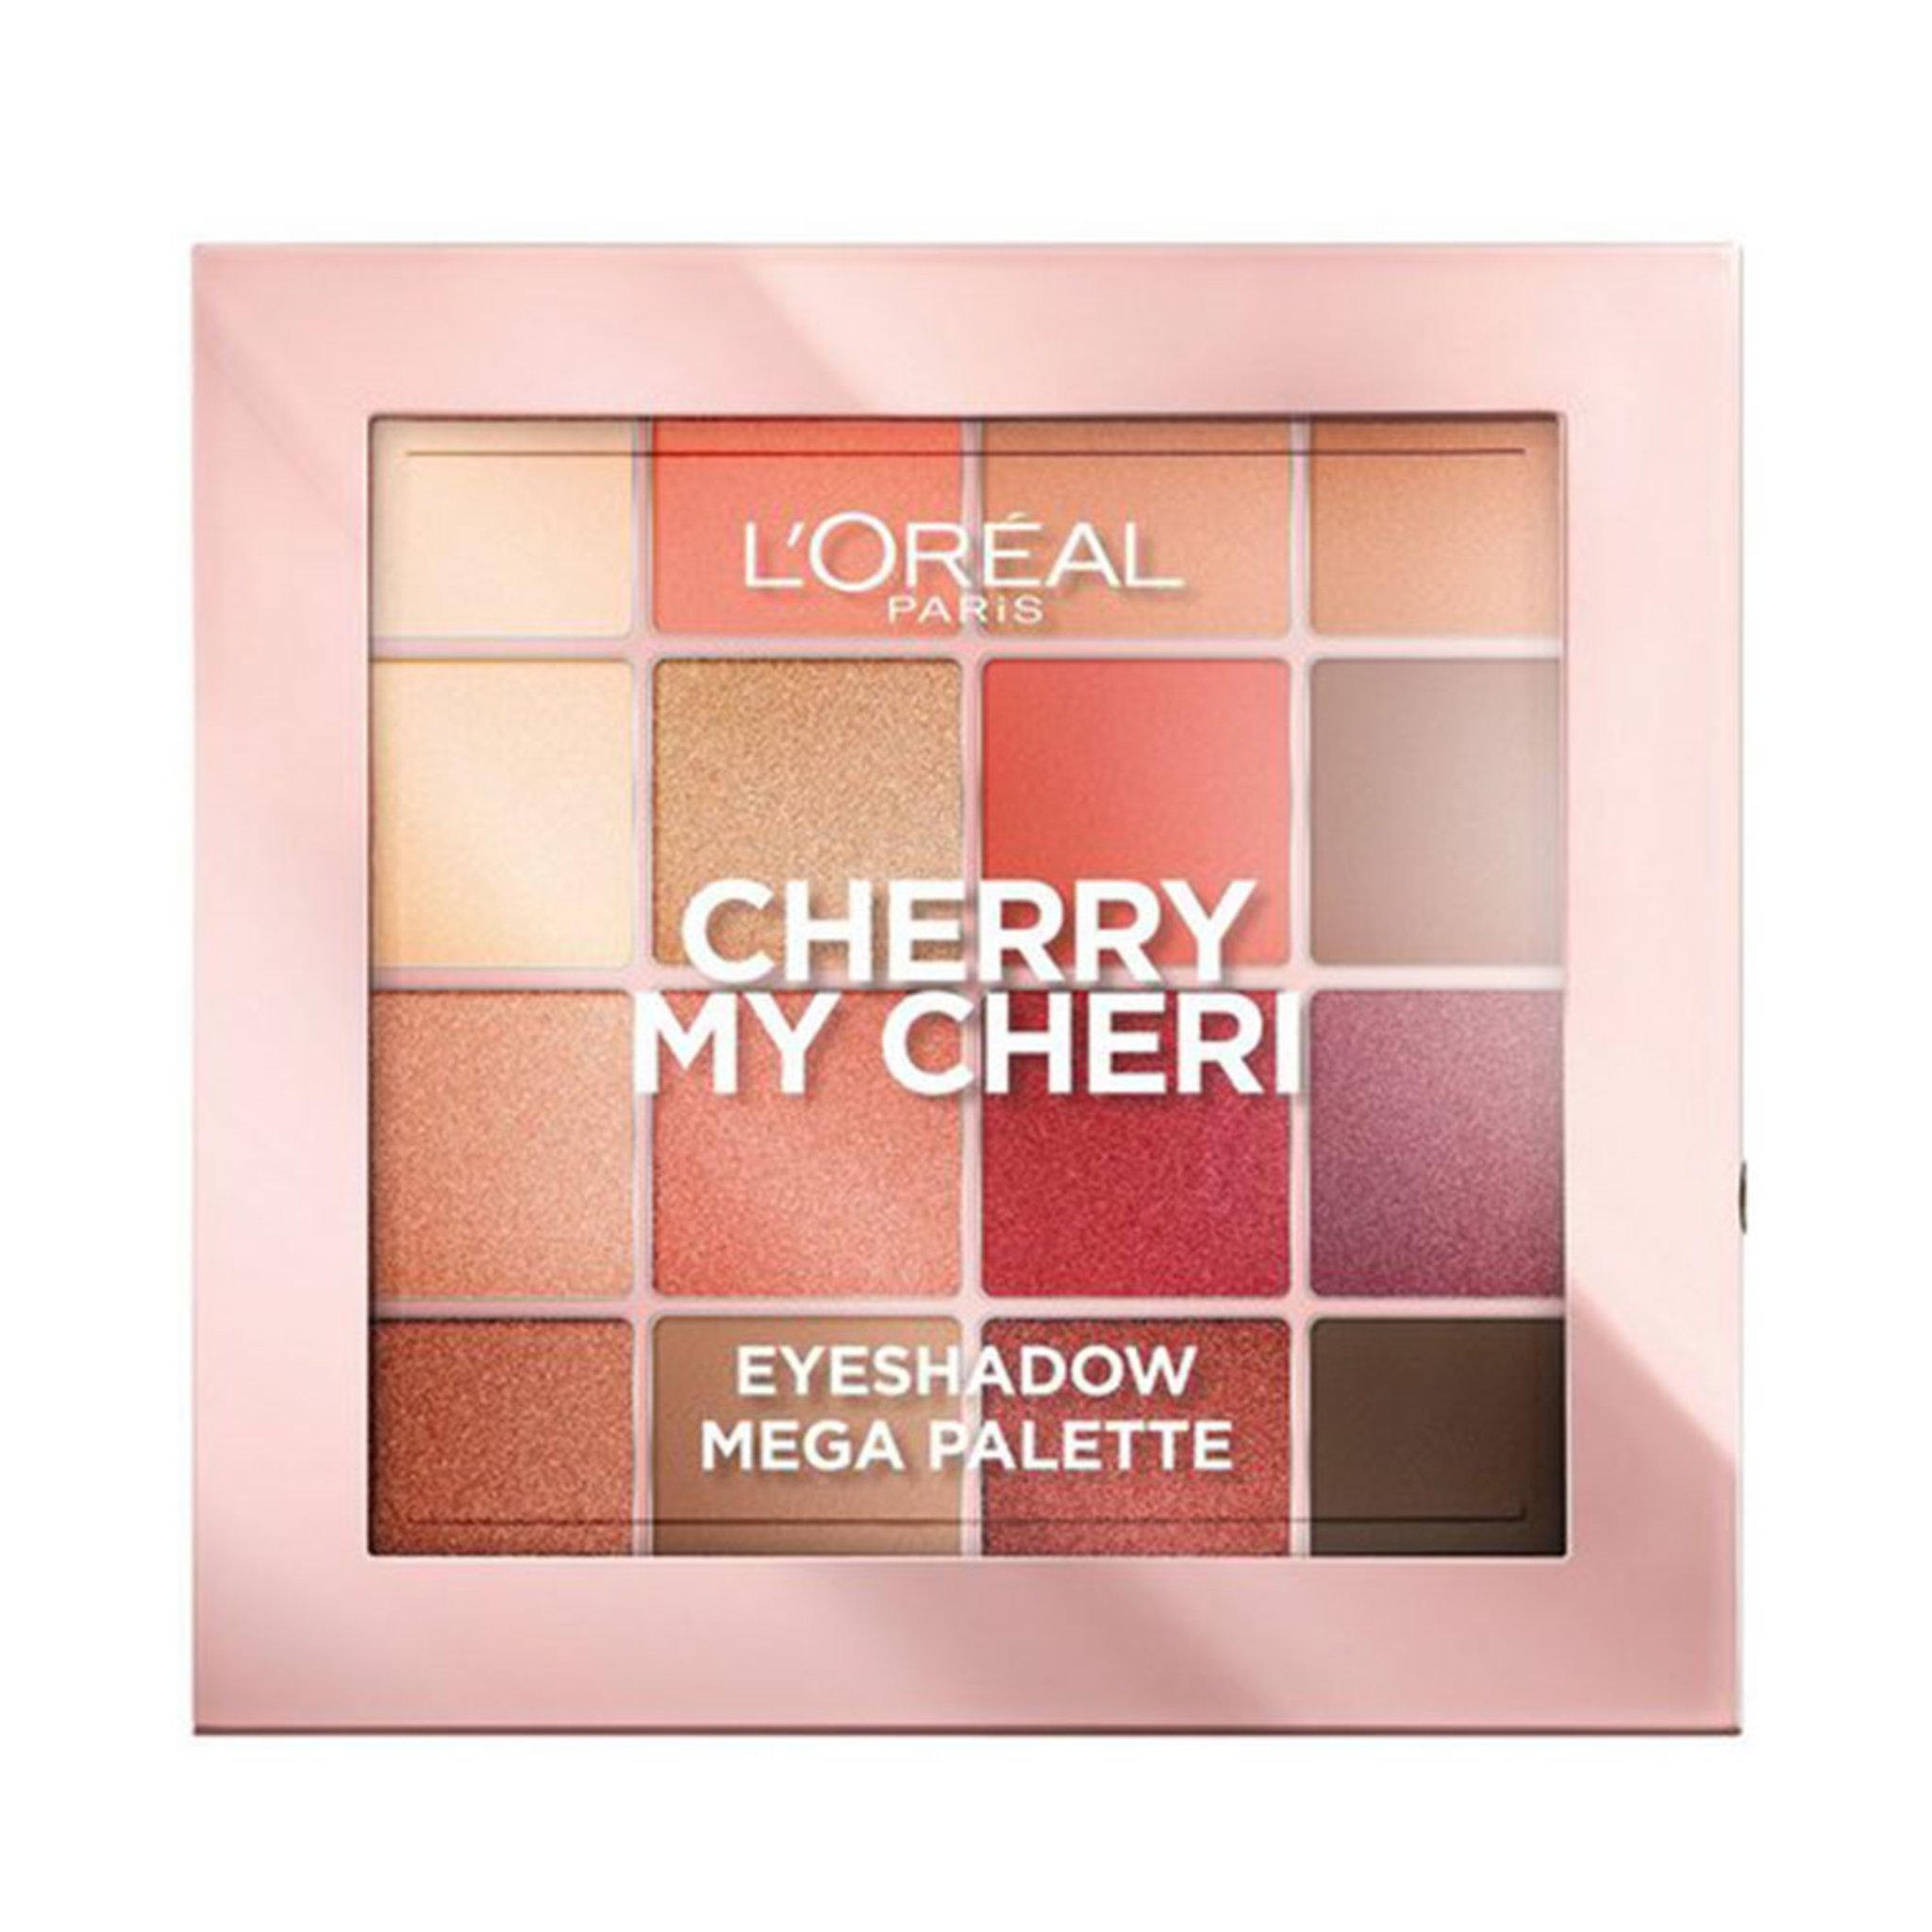 Cherry My Cheri Eyeshadow Palette - Ögonskuggor - Köp online på åhlens.se! a02687da8e002